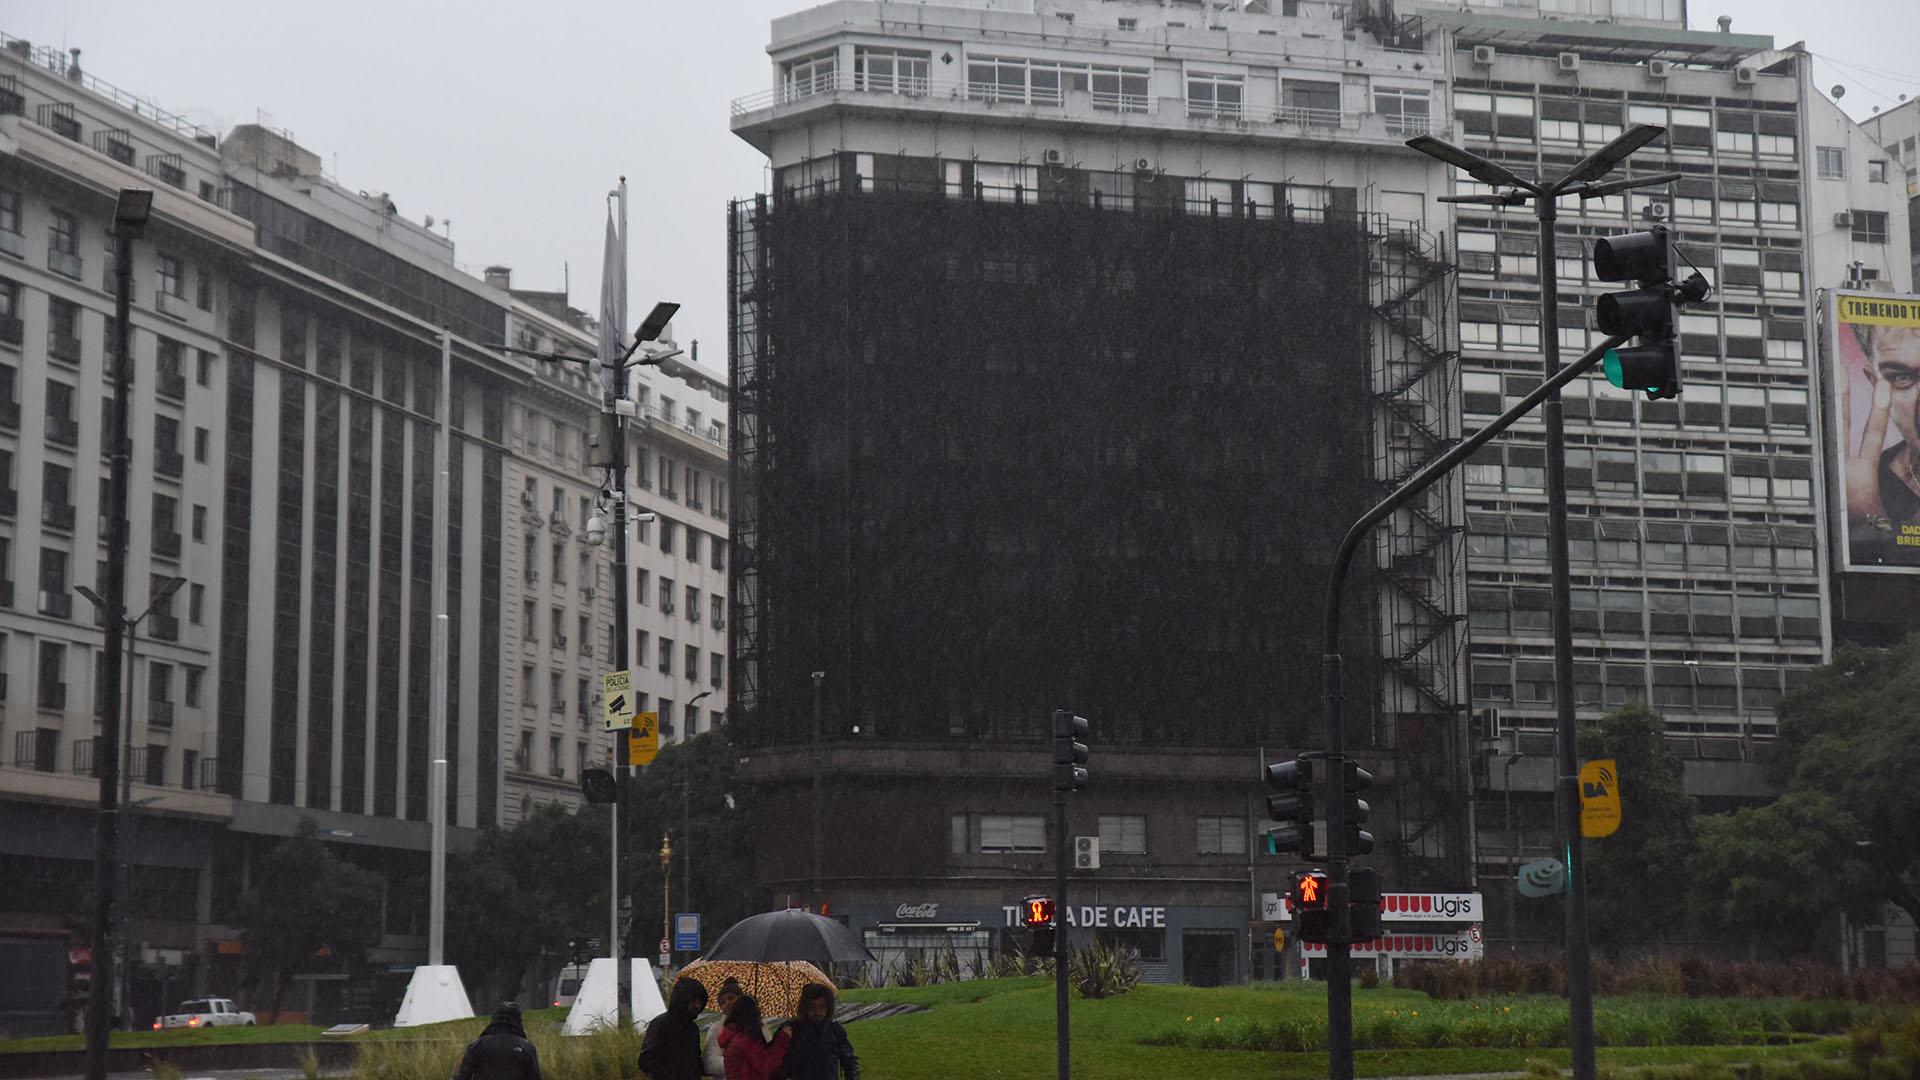 Carteles electrónicos y semáforos quedaron inactivos por varias horas en la ciudad